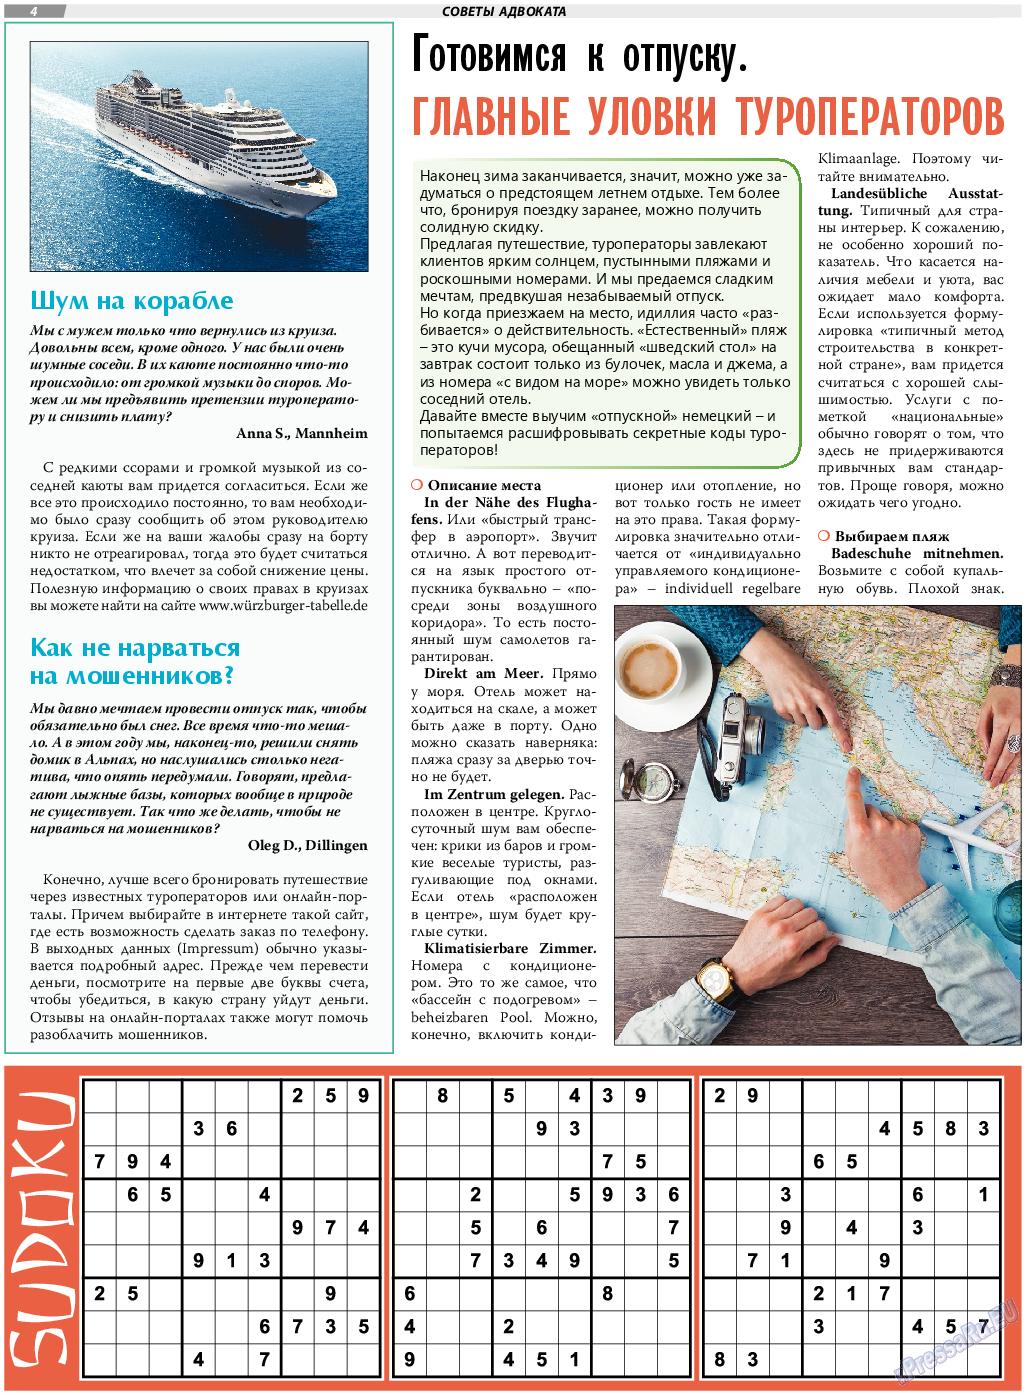 TVrus (газета). 2020 год, номер 8, стр. 4